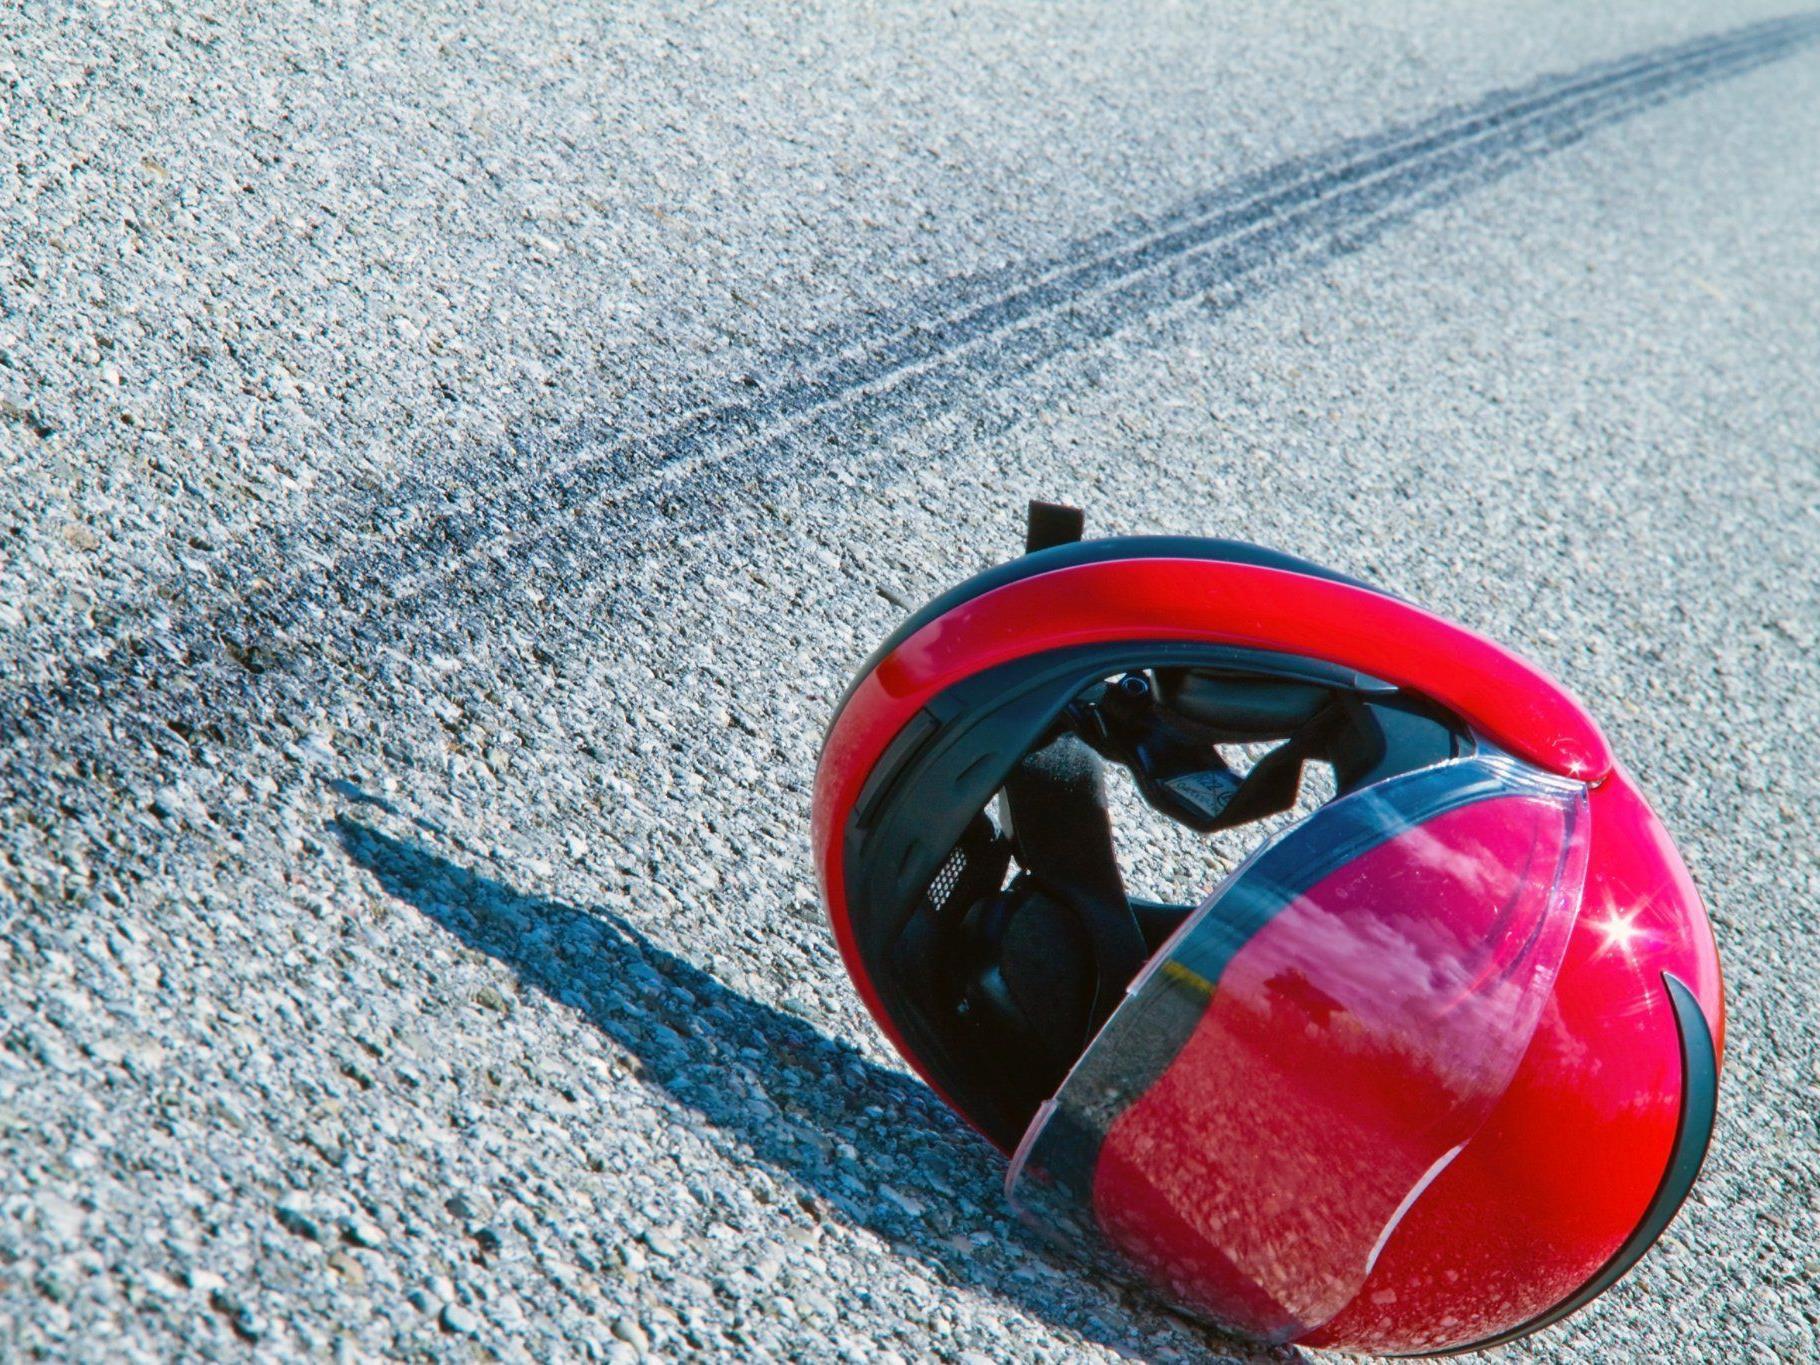 Jede Menge Unfälle mit Motorrädern passierten am Wochenende in Niederösterreich